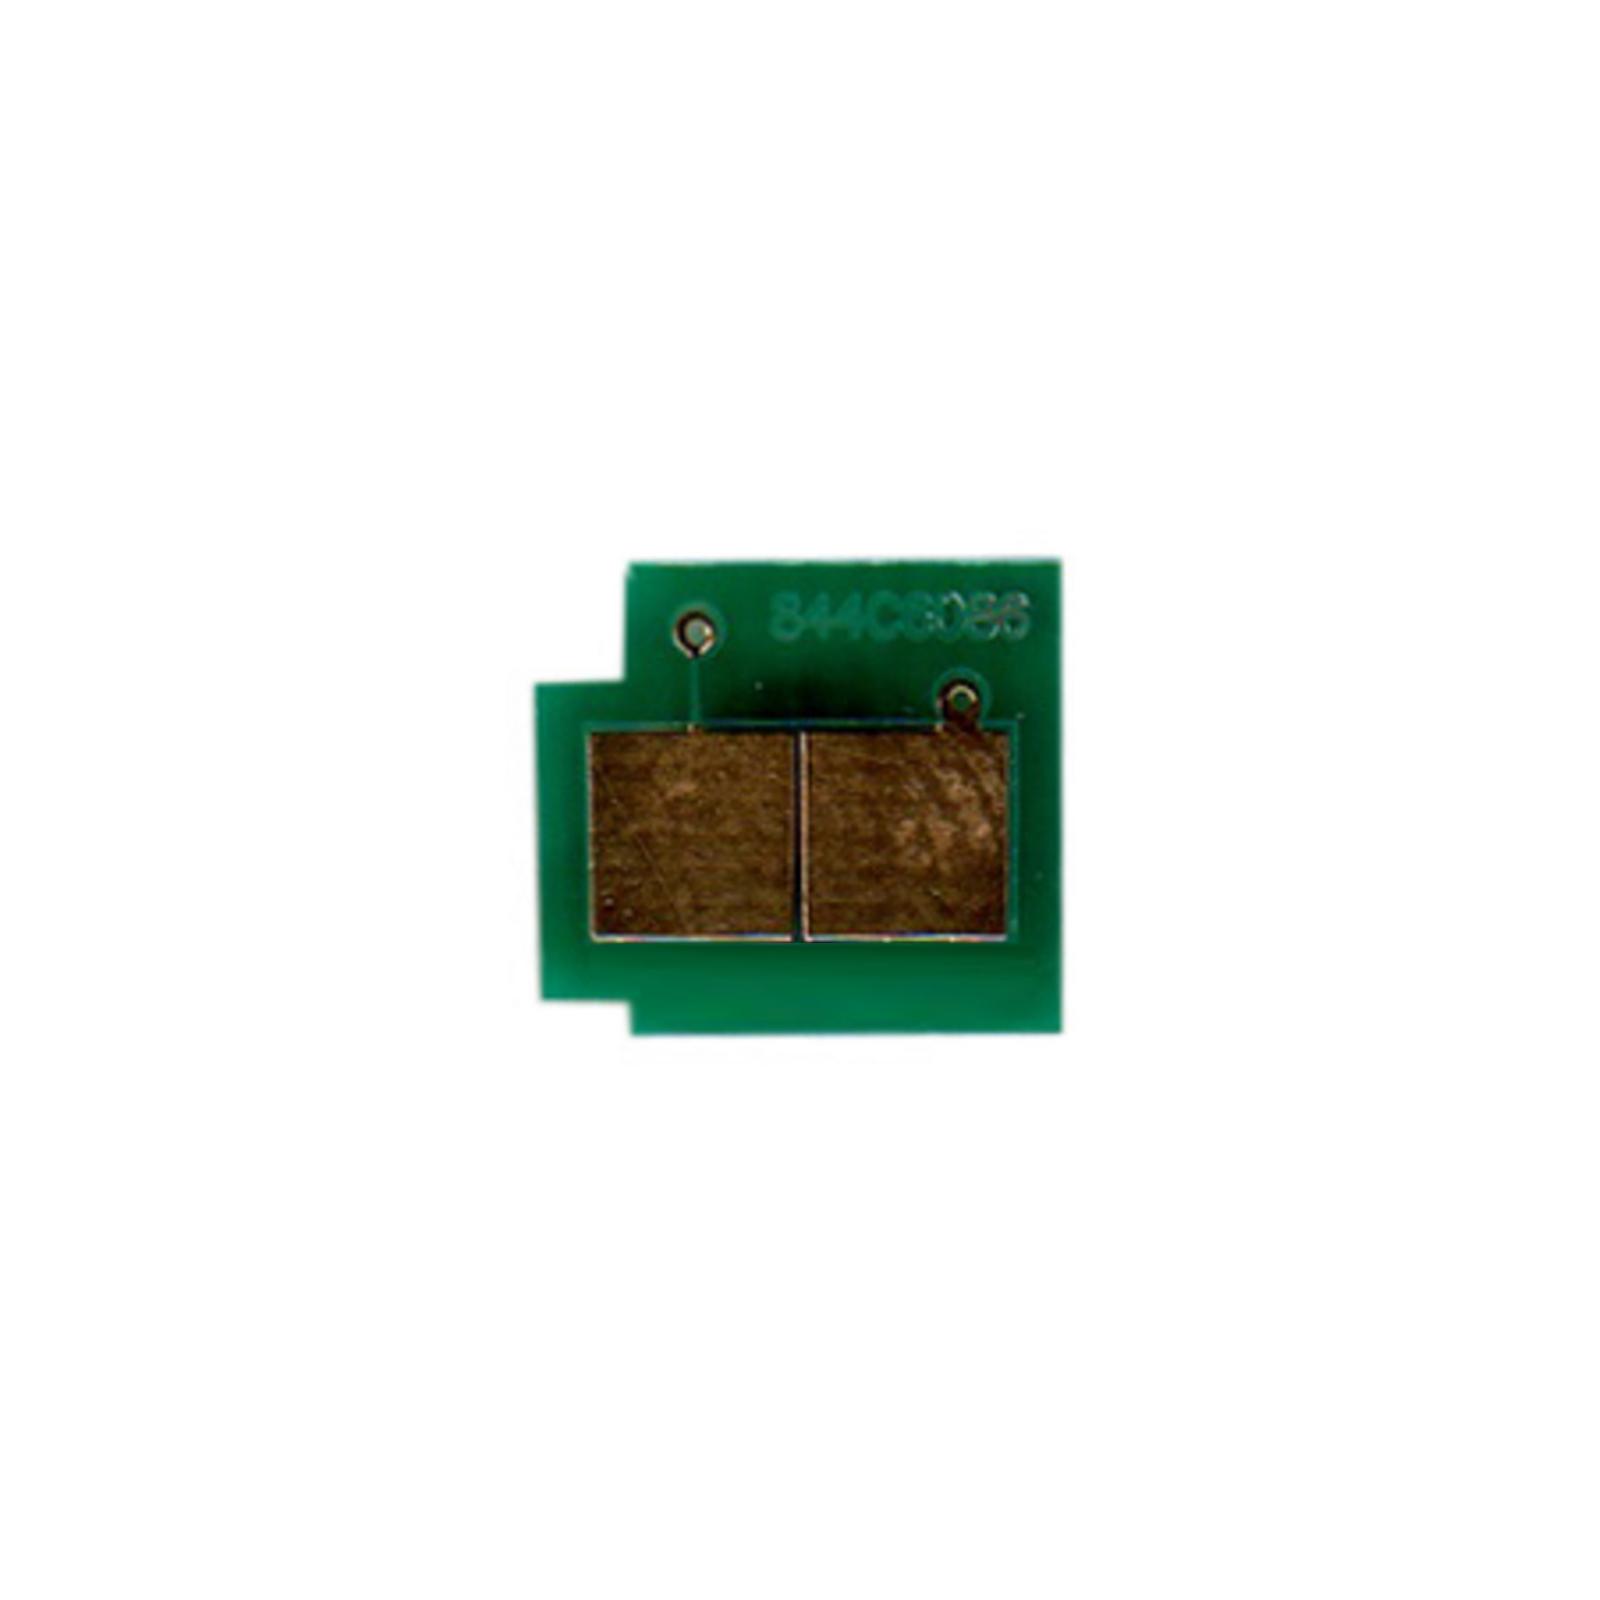 Чип для картриджа HP CLJ 3800/CP3505 Black BASF (WWMID-70982)